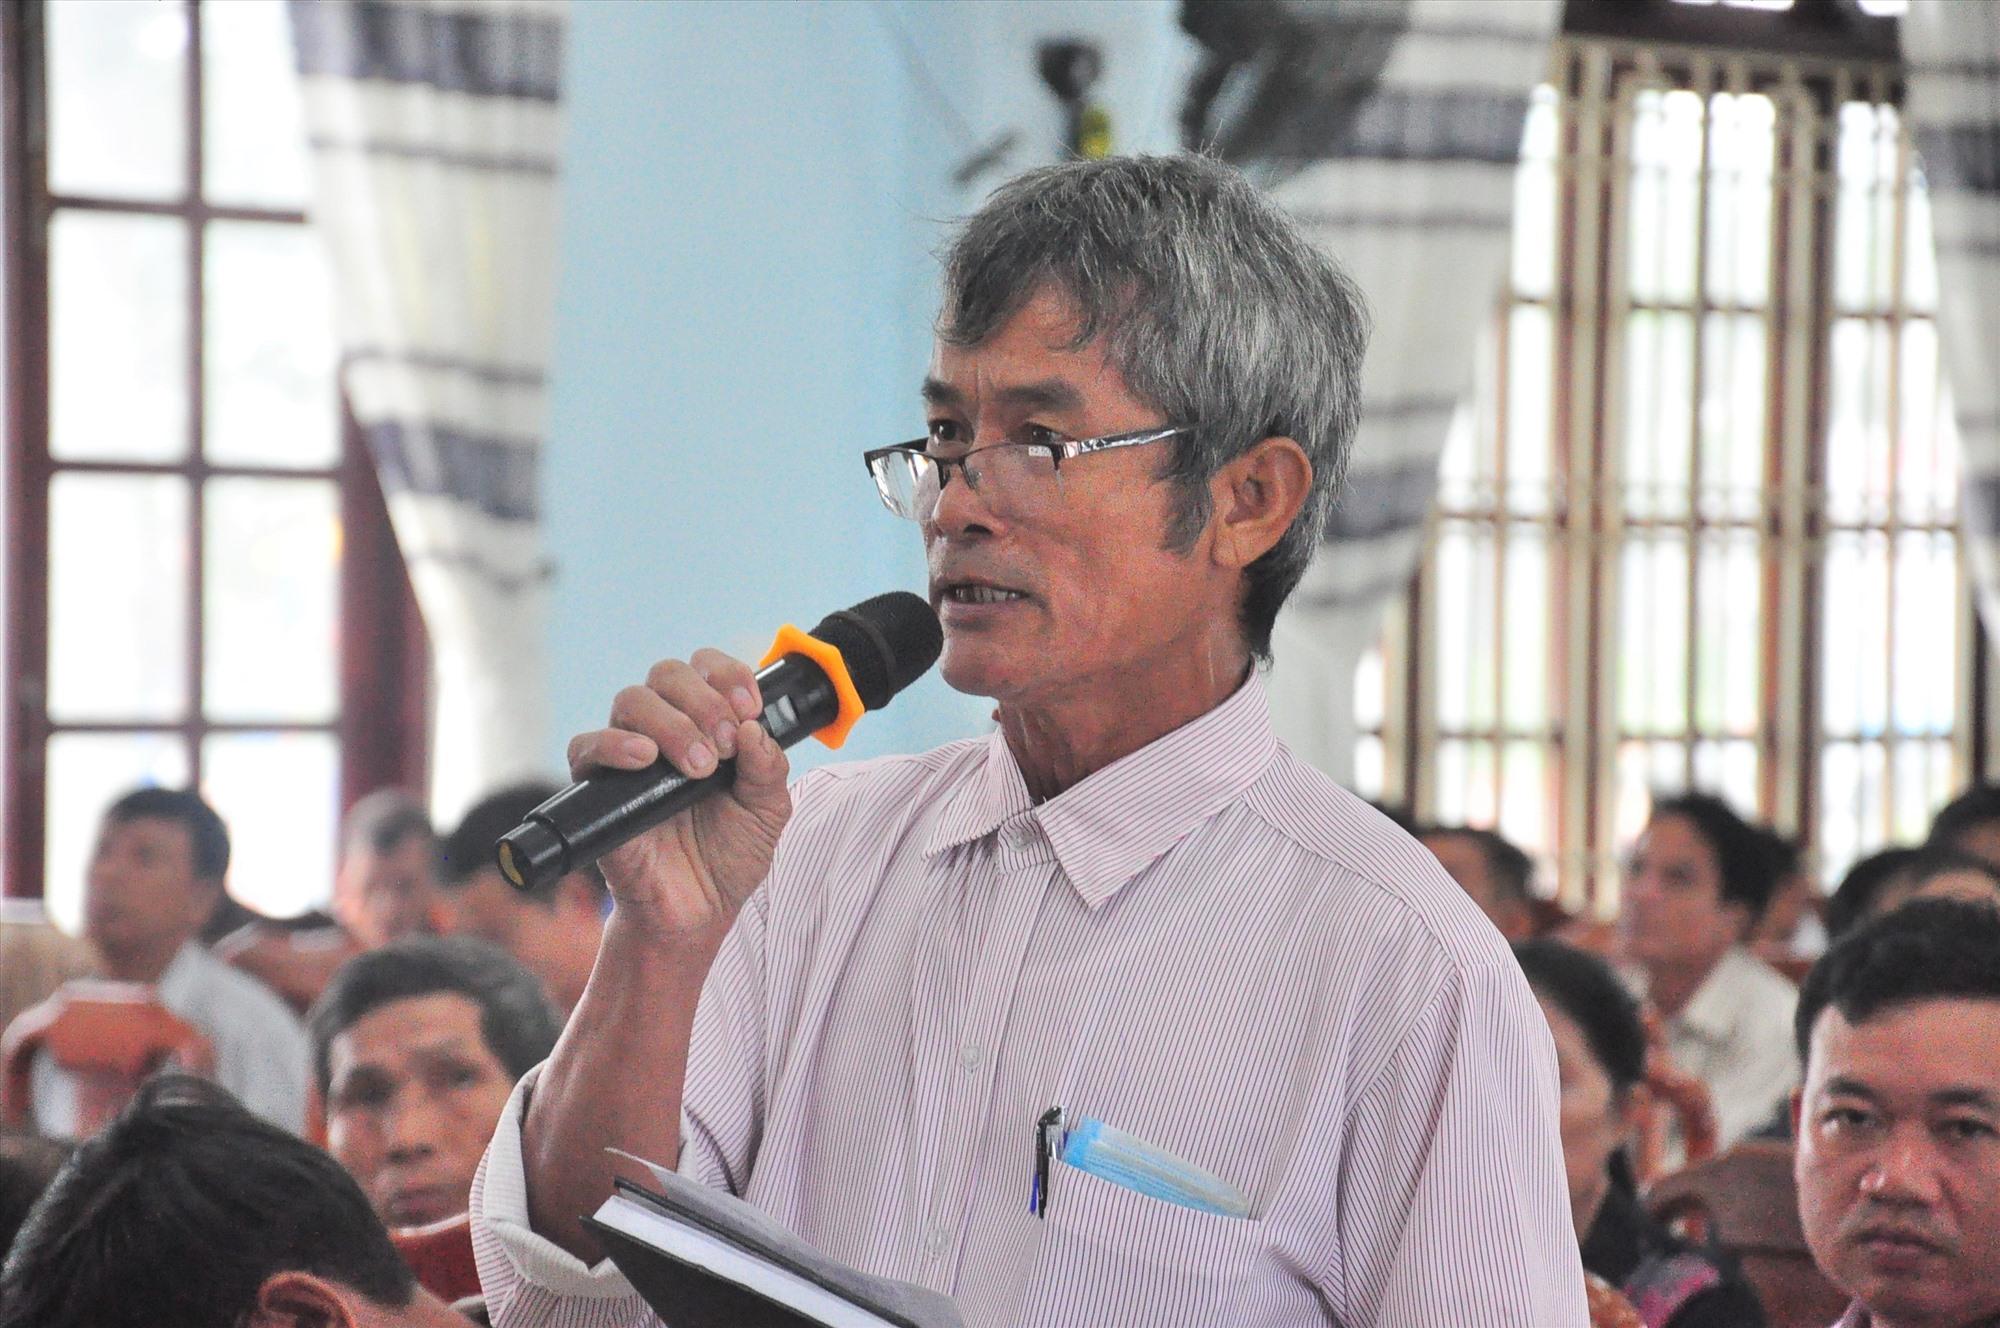 Cử tri xã Tam Dân, huyện Phú Ninh phát biểu tại buổi tiếp xúc cử tri. Ảnh: VINH ANH